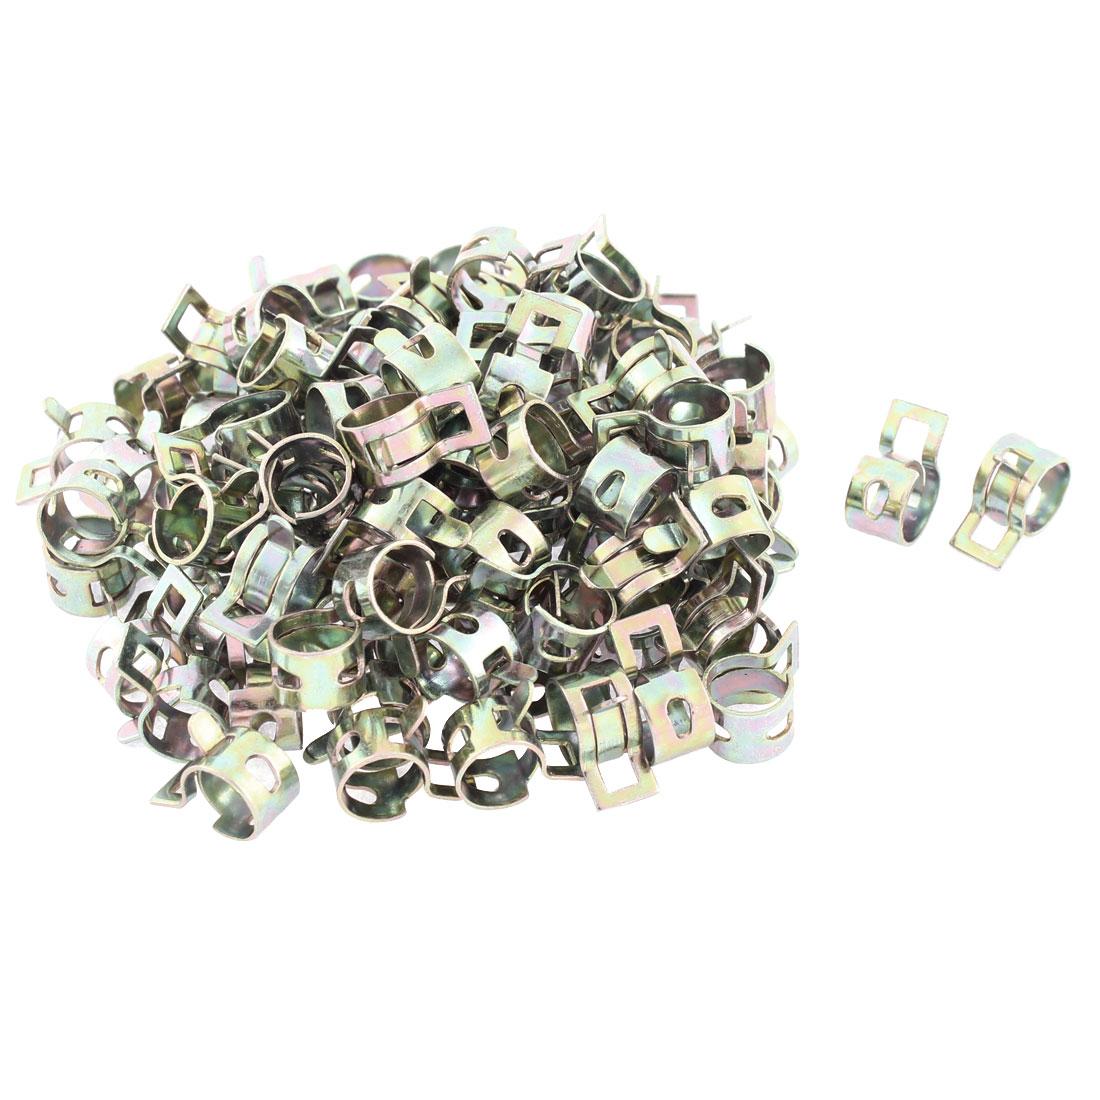 100 Pcs 10mm Dia Vacuum Hose Spring Clip Clamps